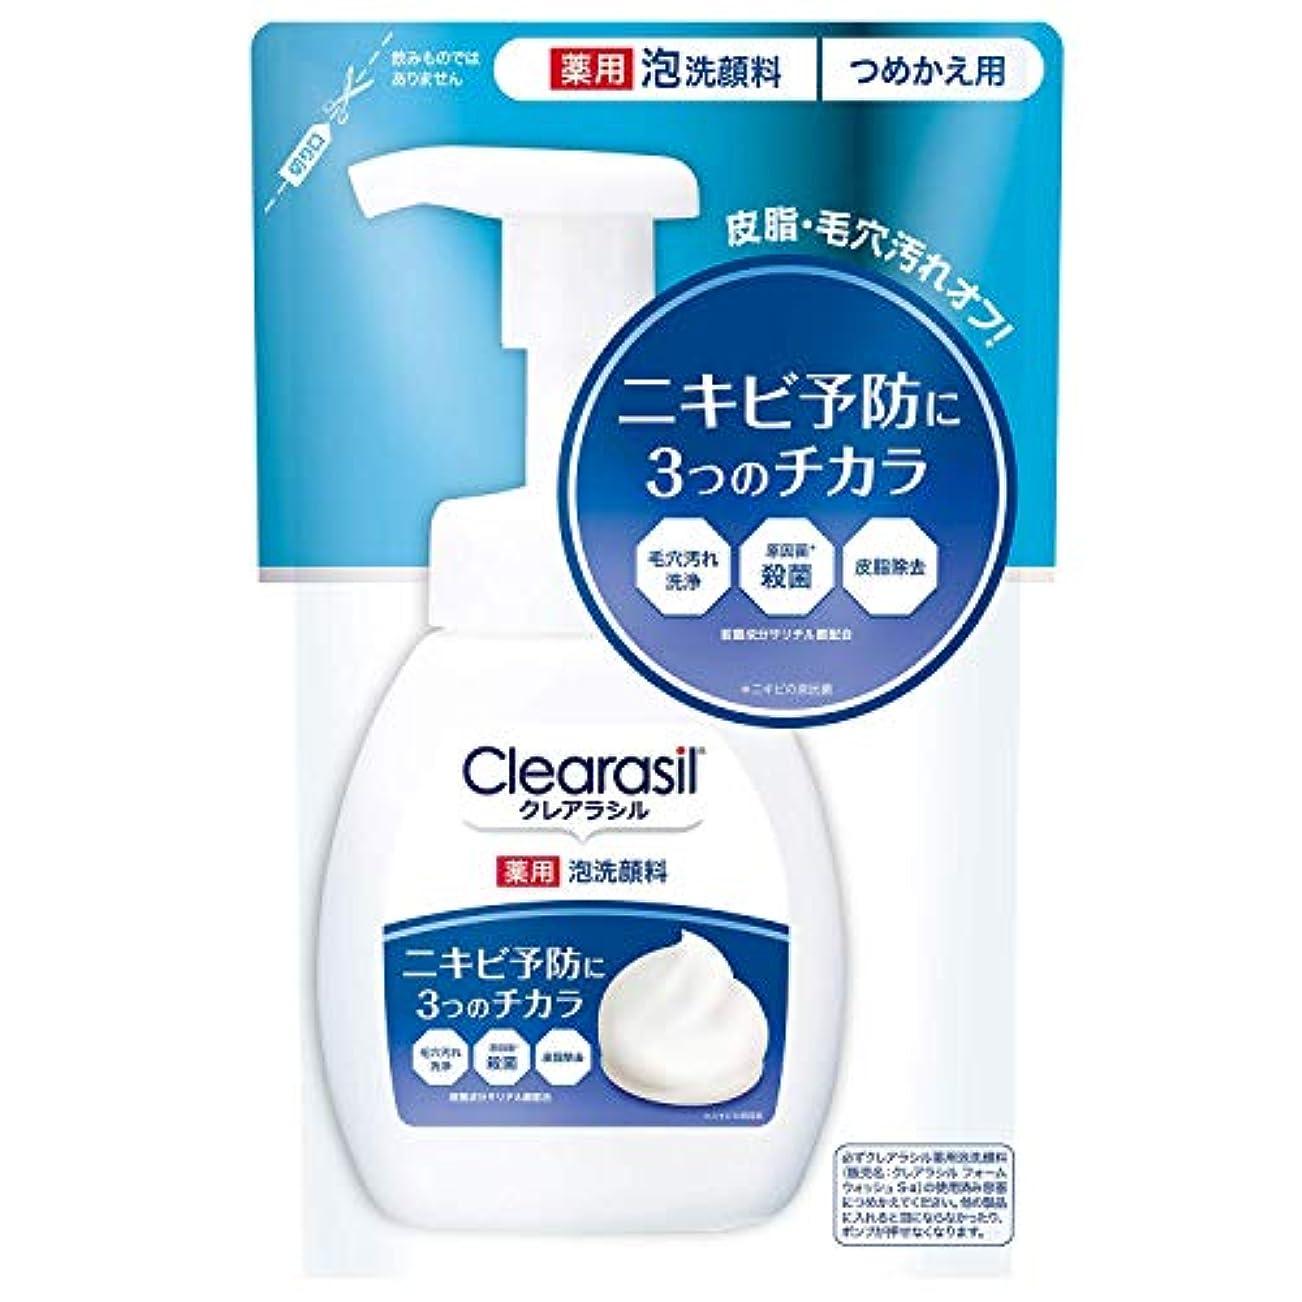 結果一月テンポ【clearasil】クレアラシル 薬用泡洗顔フォーム10 つめかえ用 (180ml) ×20個セット